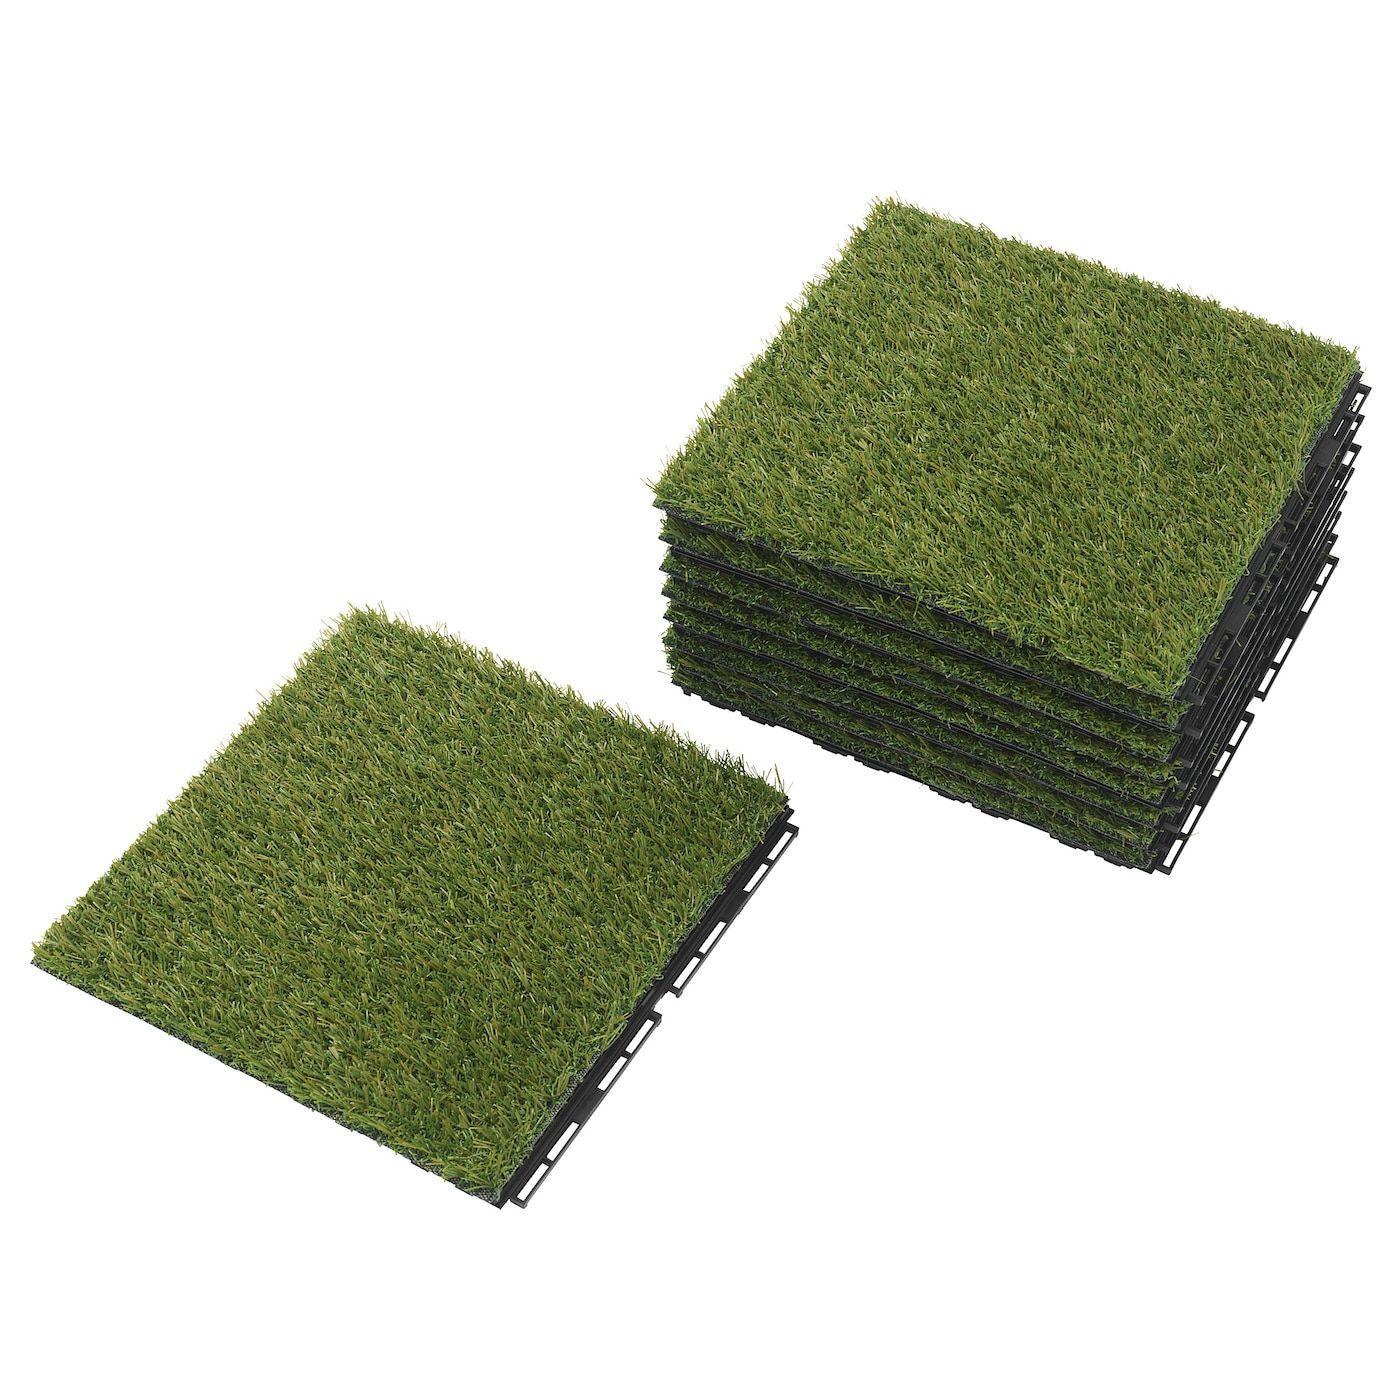 IKEA - RUNNEN Decking, outdoor Artificial grass in 2020 ...